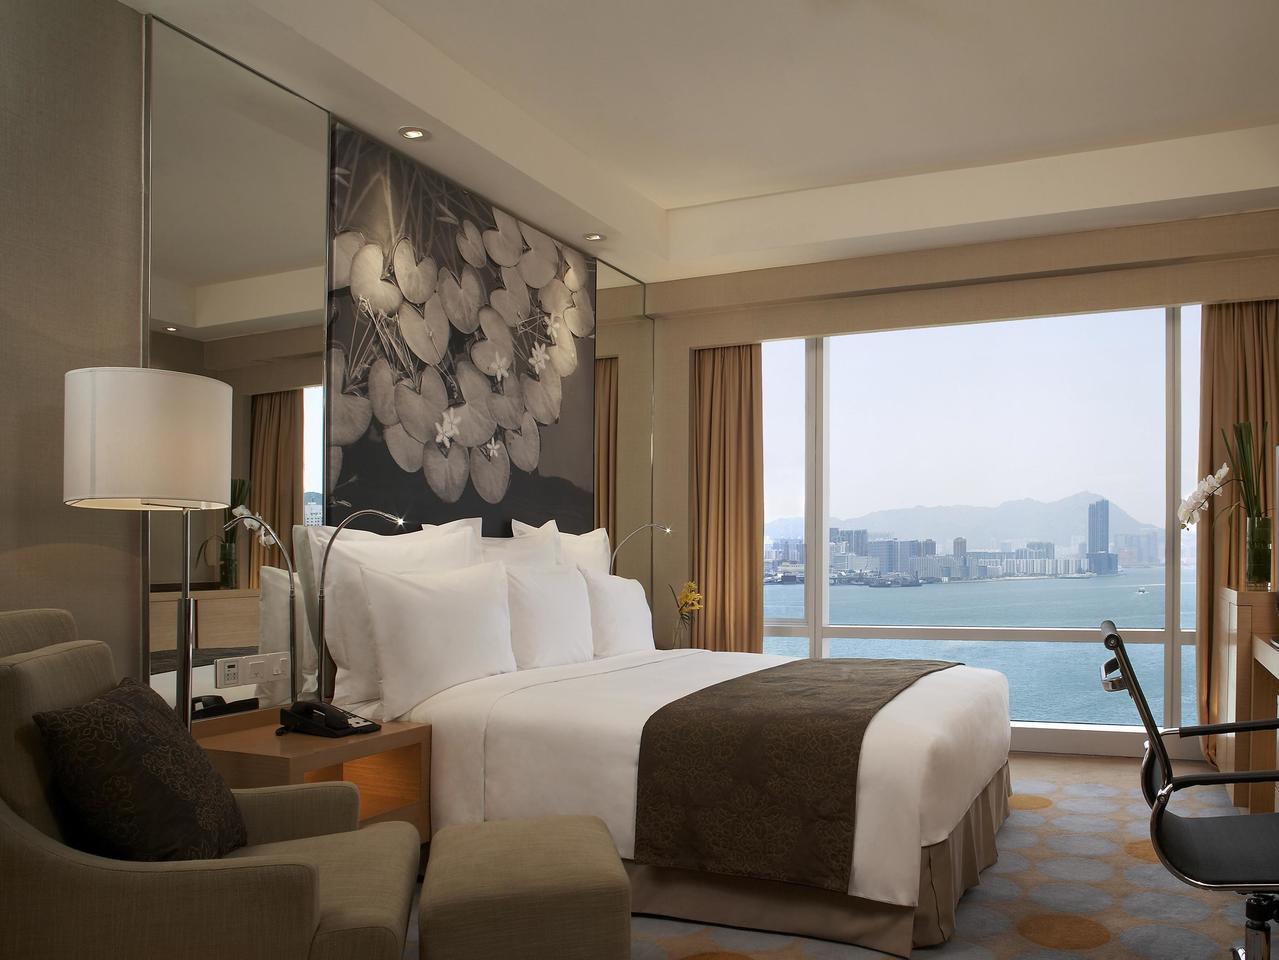 香港萬麗海景酒店跨年住宿每晚2.3萬起跳。圖/天擎旅行社提供